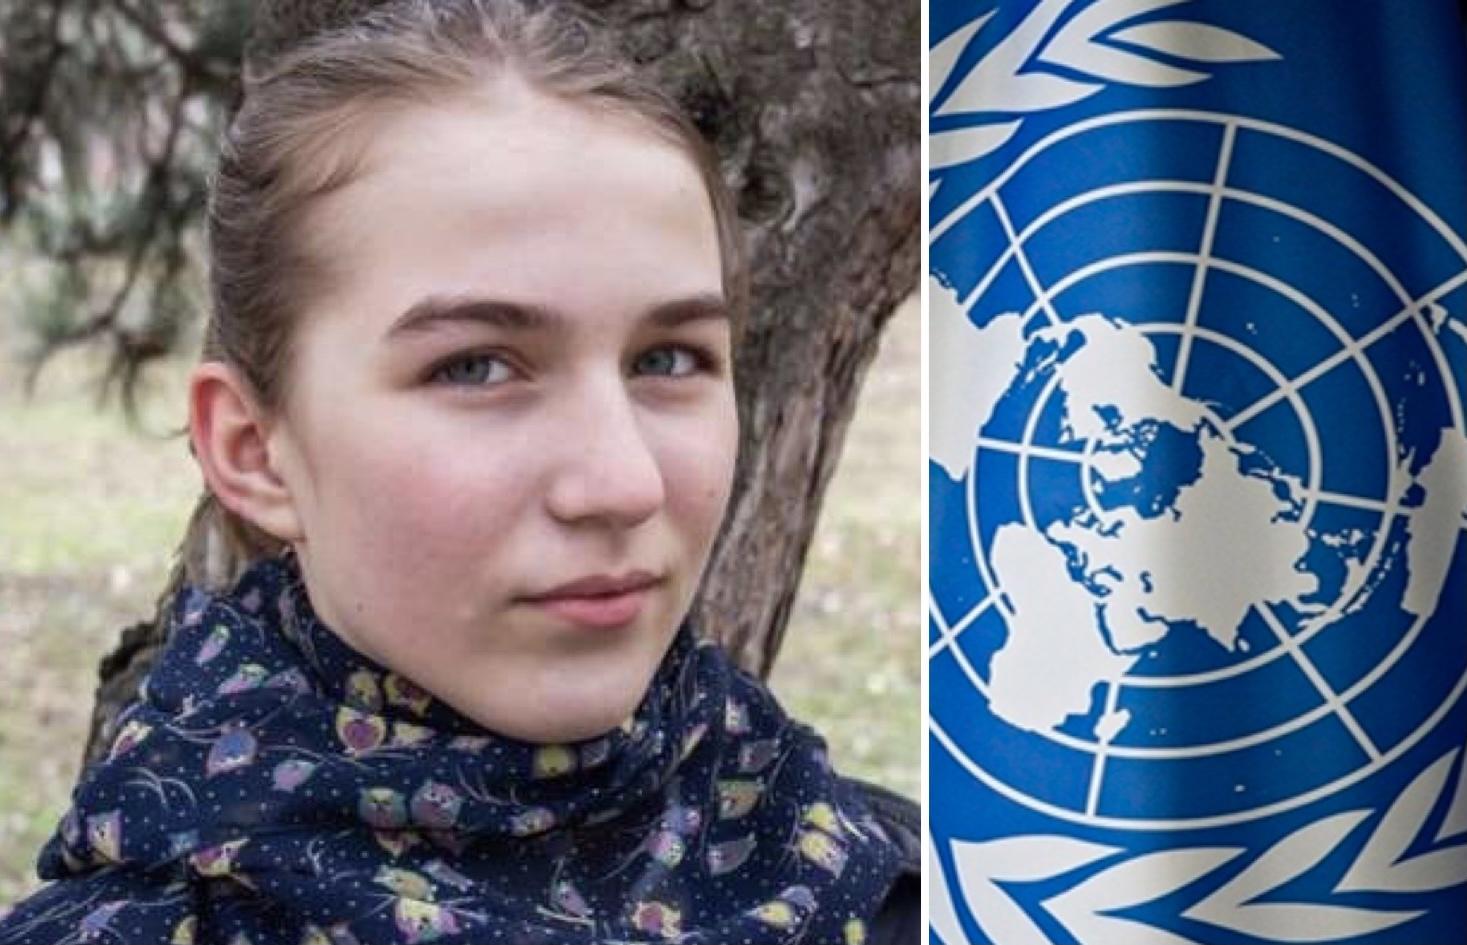 В ООН прокомментировали внесение 12-летней писательницы в базу сайта «Миротворец»